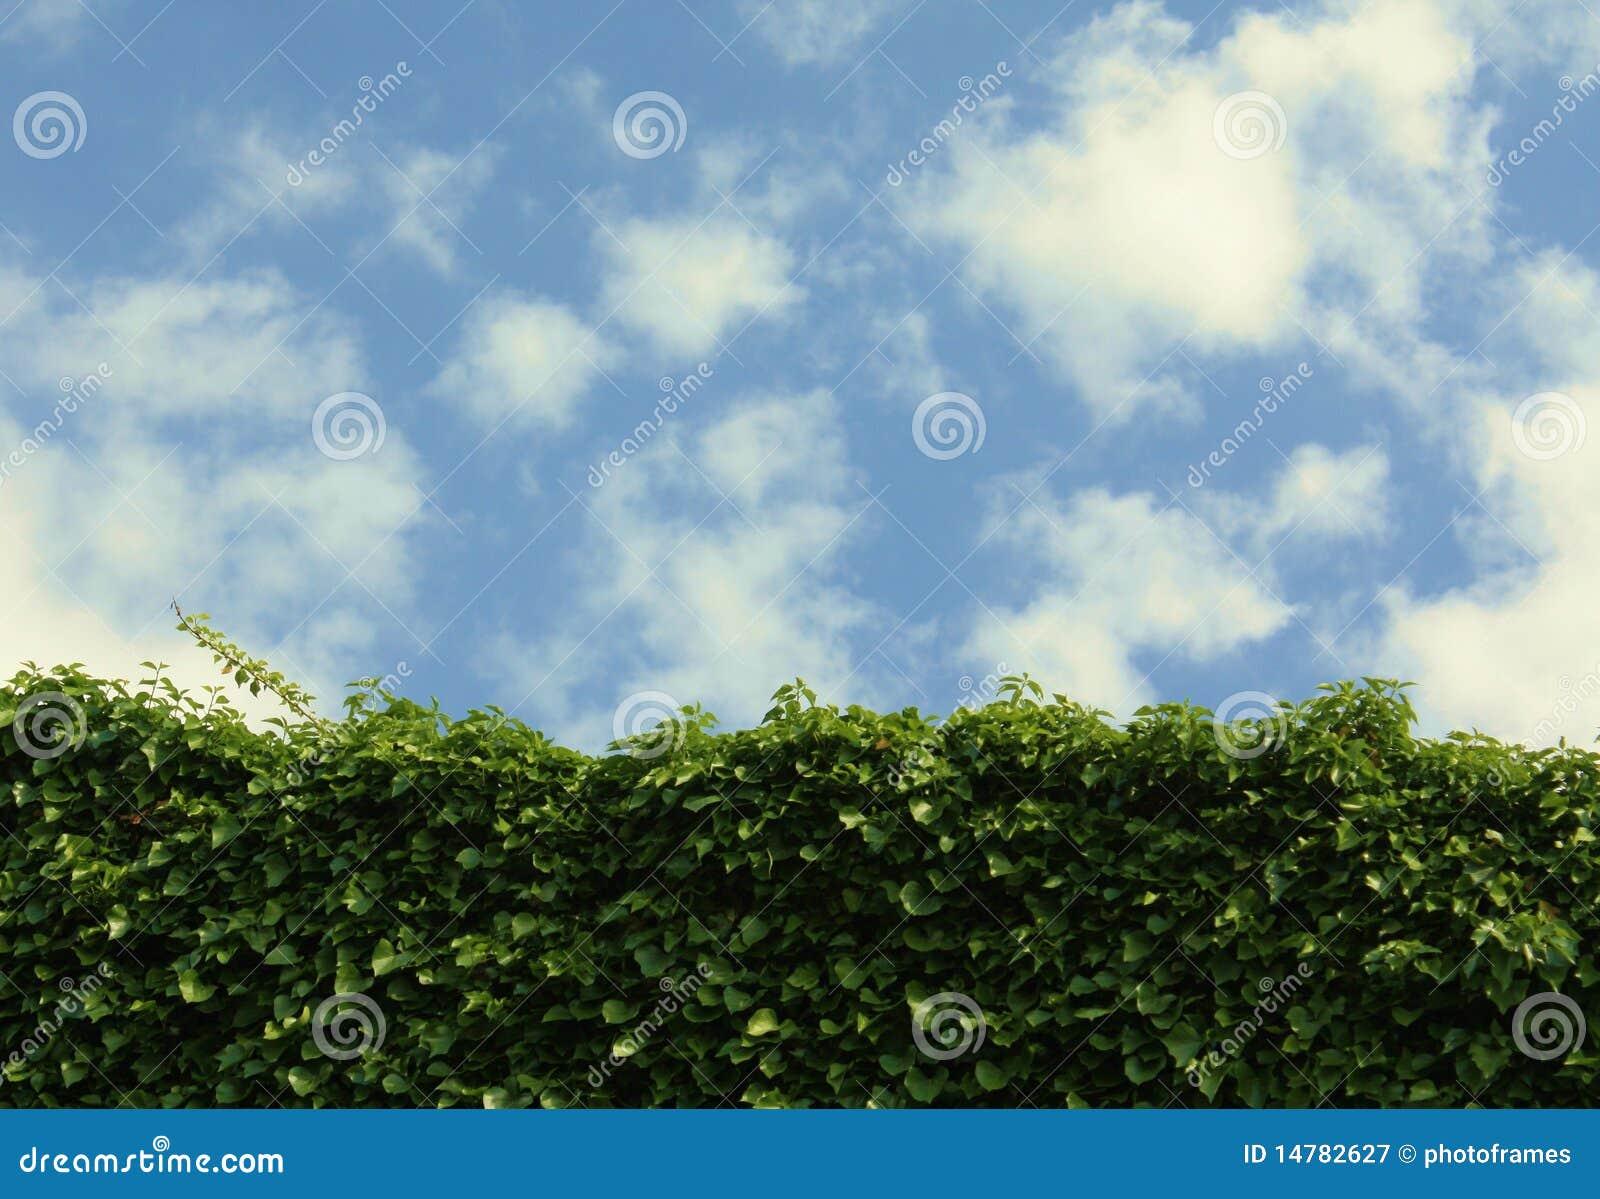 ciel bleu de mur de lierre avec des nuages photographie stock libre de droits image 14782627. Black Bedroom Furniture Sets. Home Design Ideas